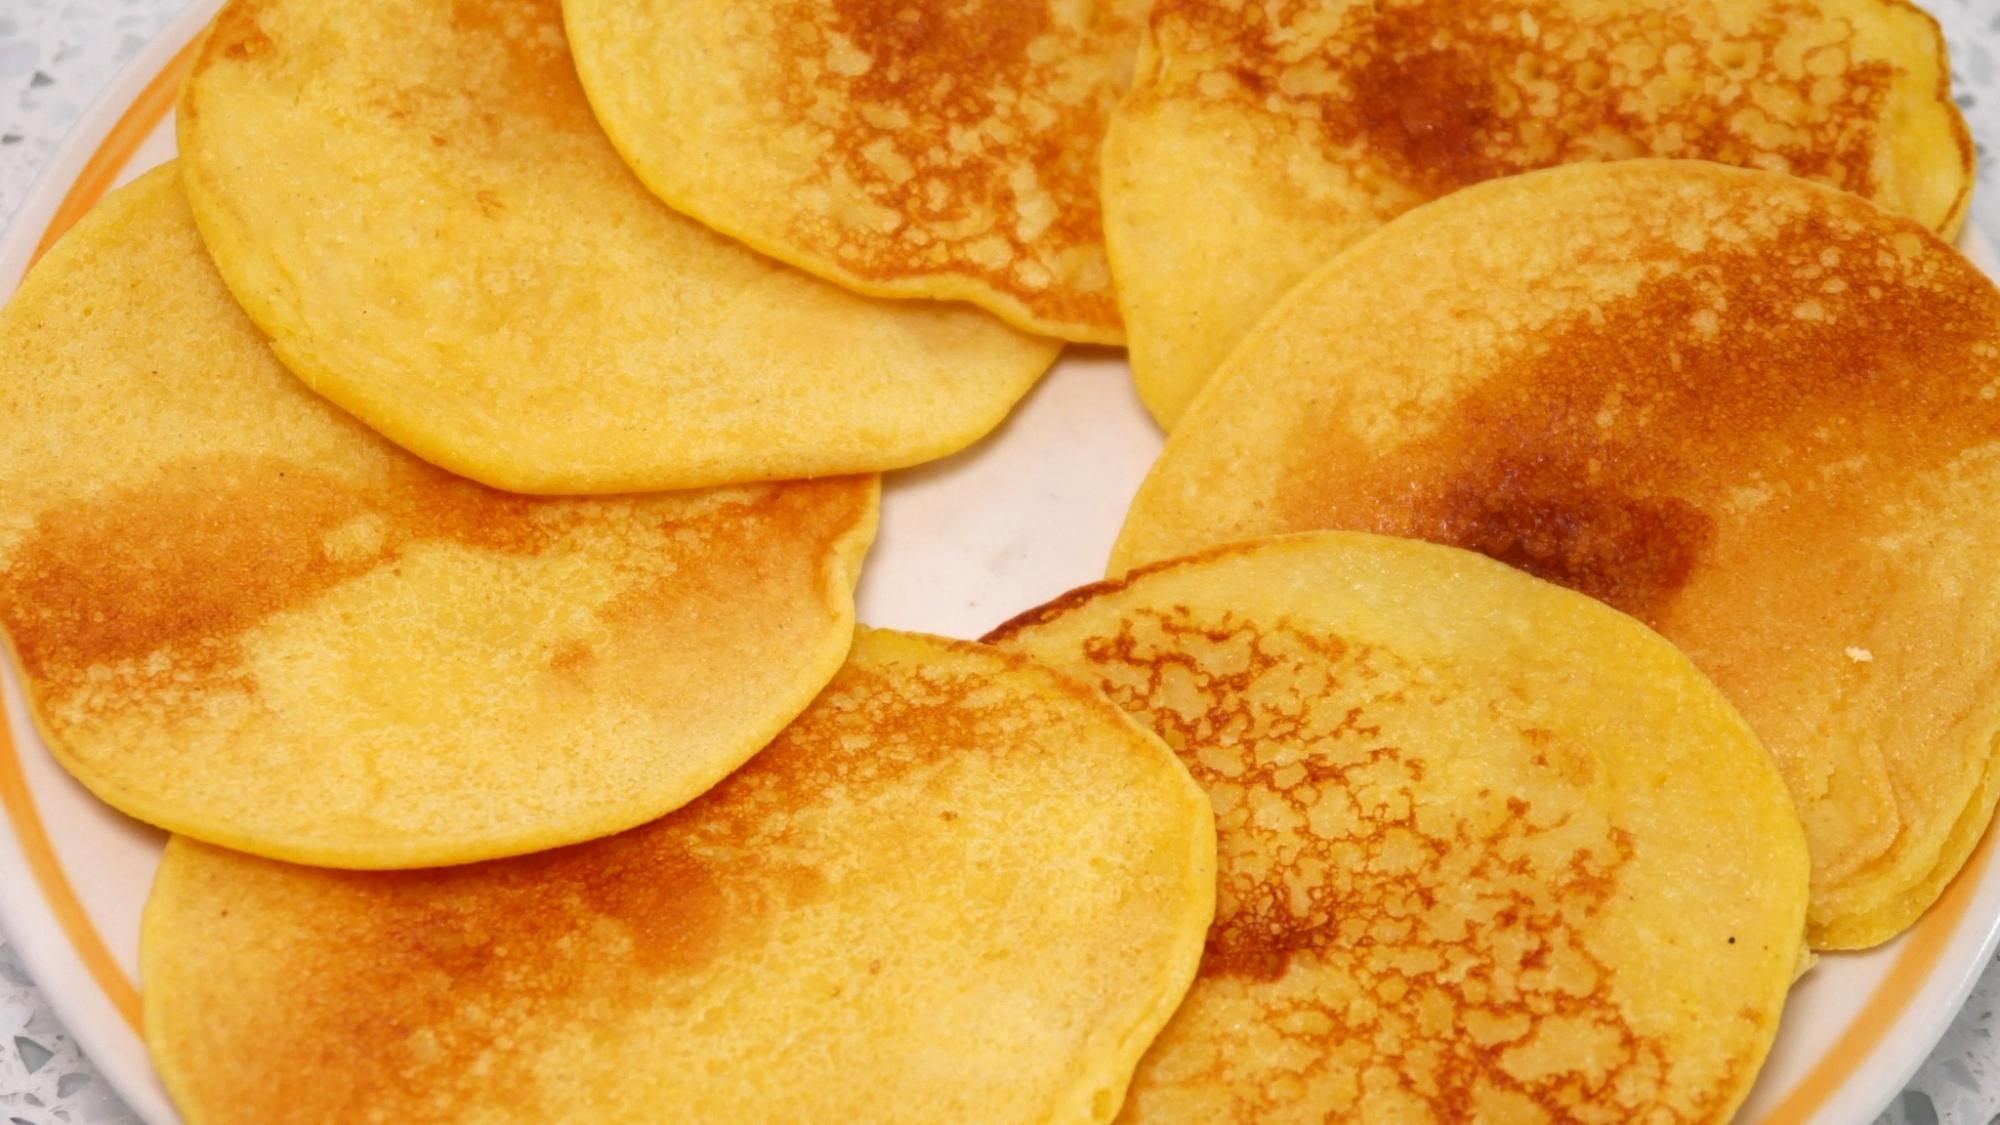 玉米面超简单的做法,2分钟一锅,蓬松柔软又香甜,顿顿都吃不够